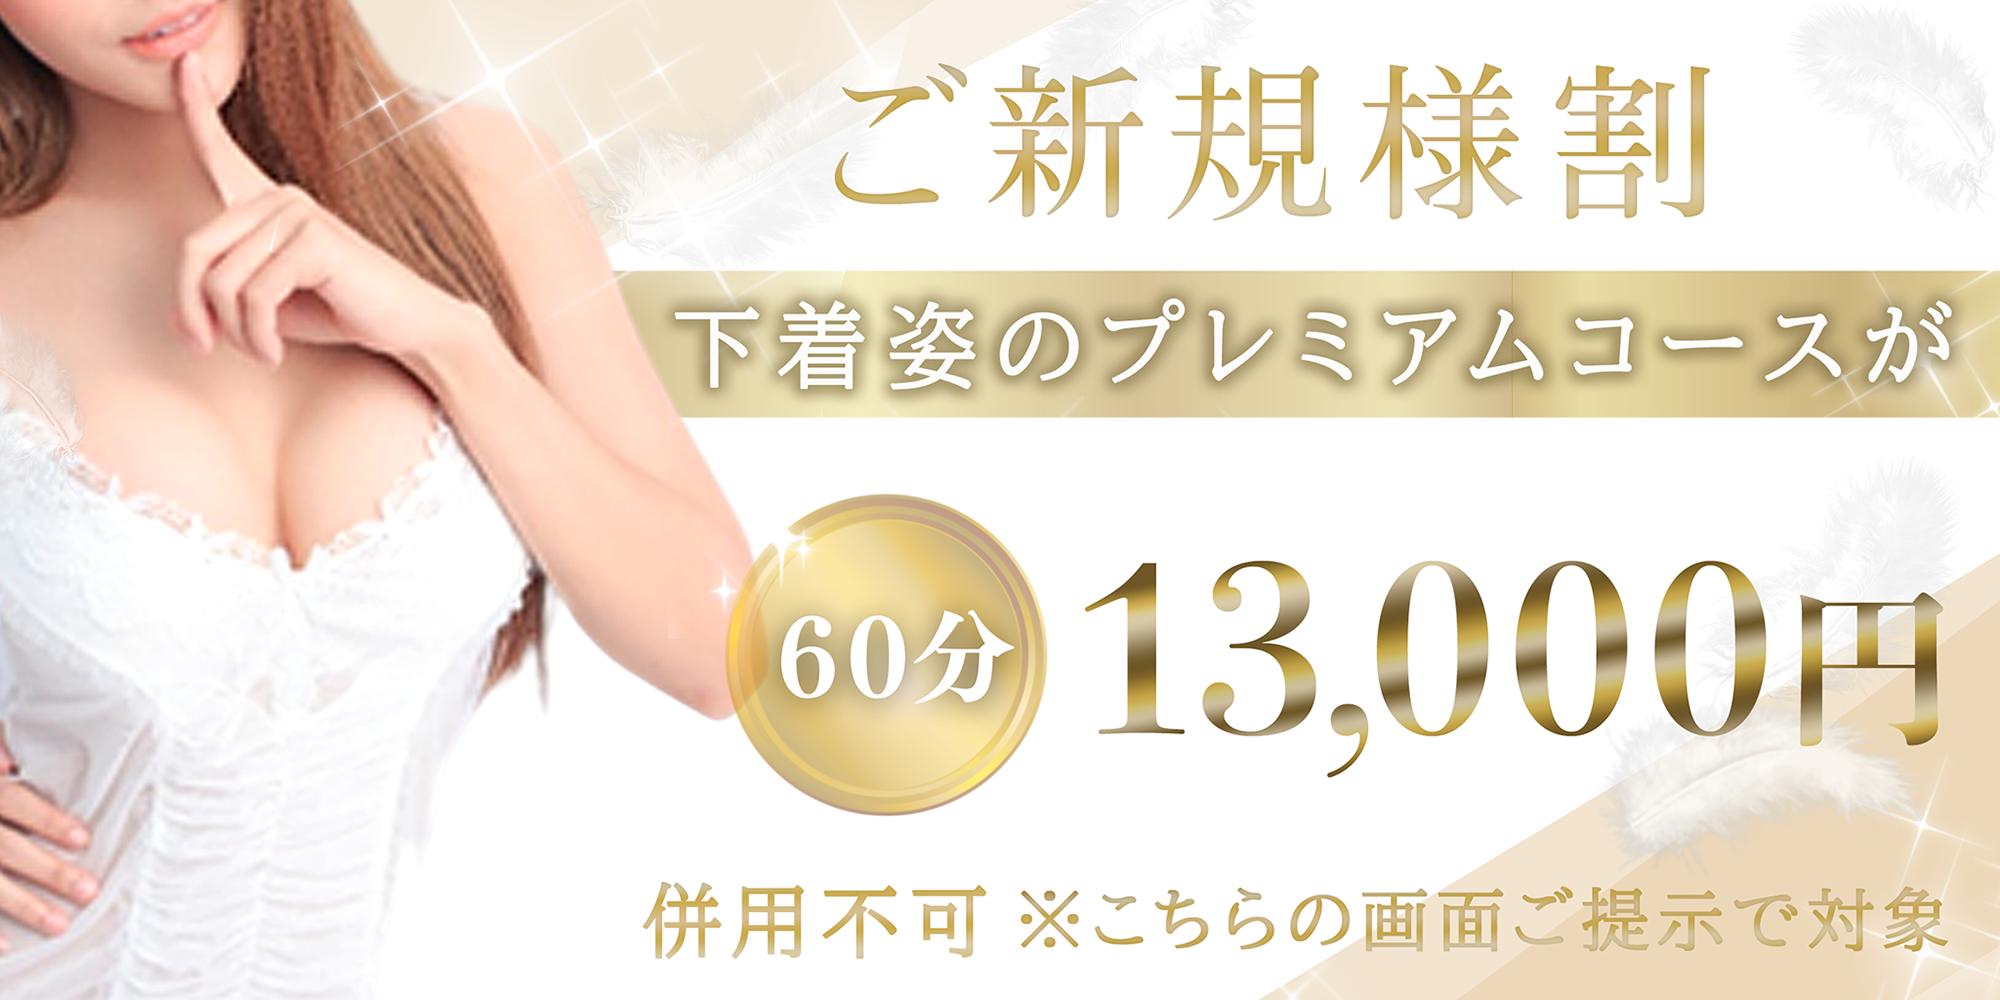 ご新規様割 ※プレミアムコース全て2000円割引